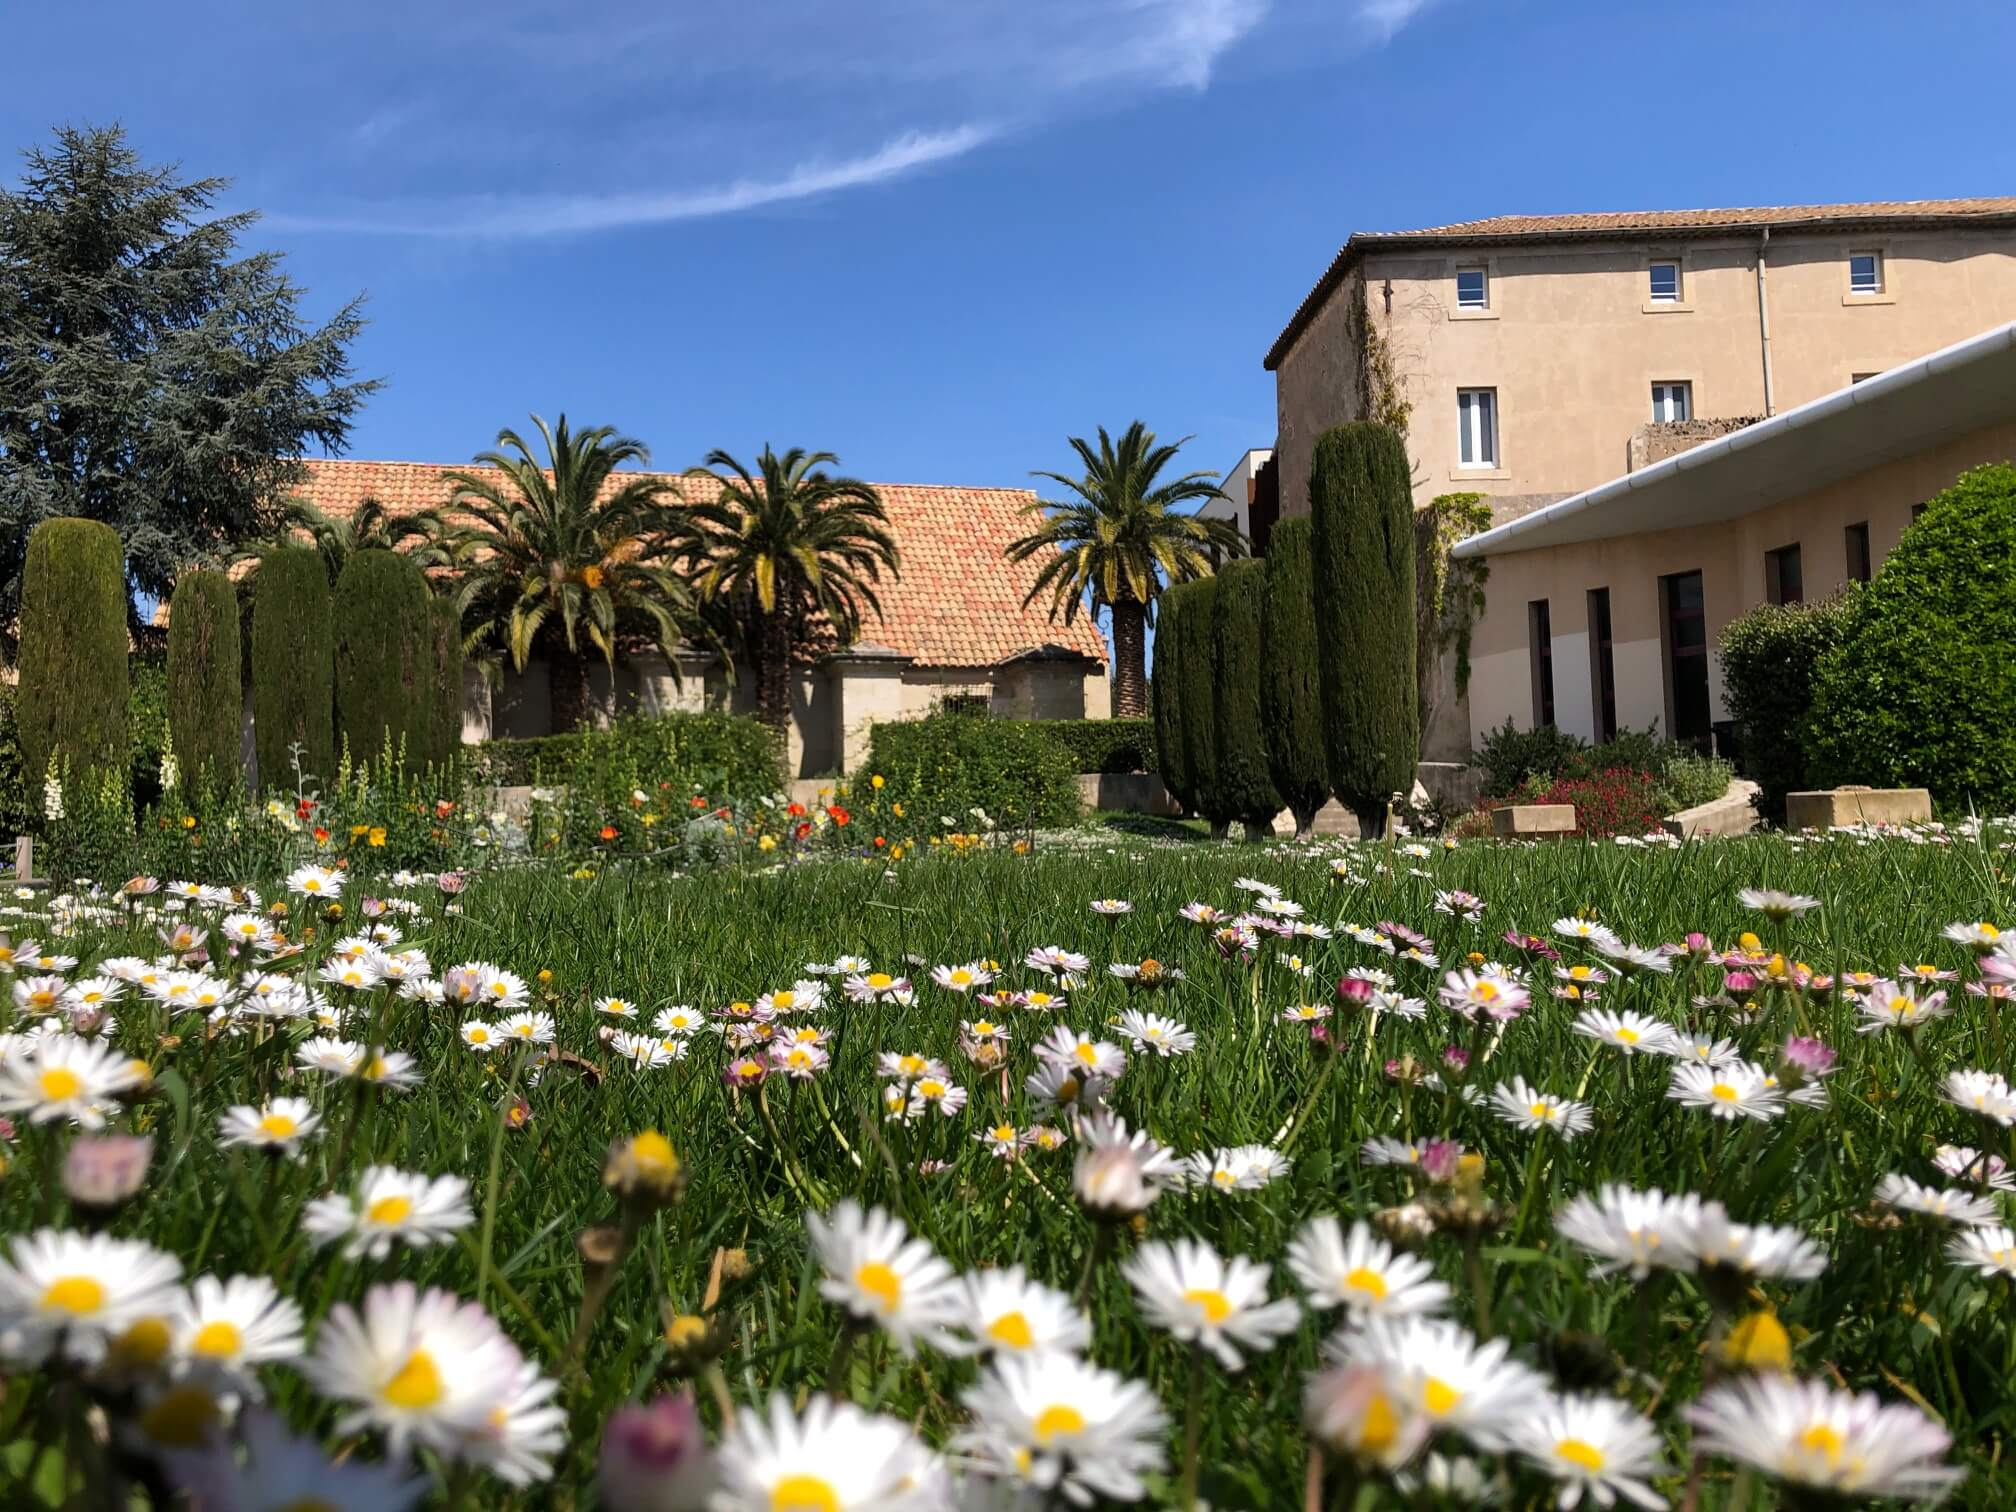 Le printemps arrive, venez découvrir notre belle région !